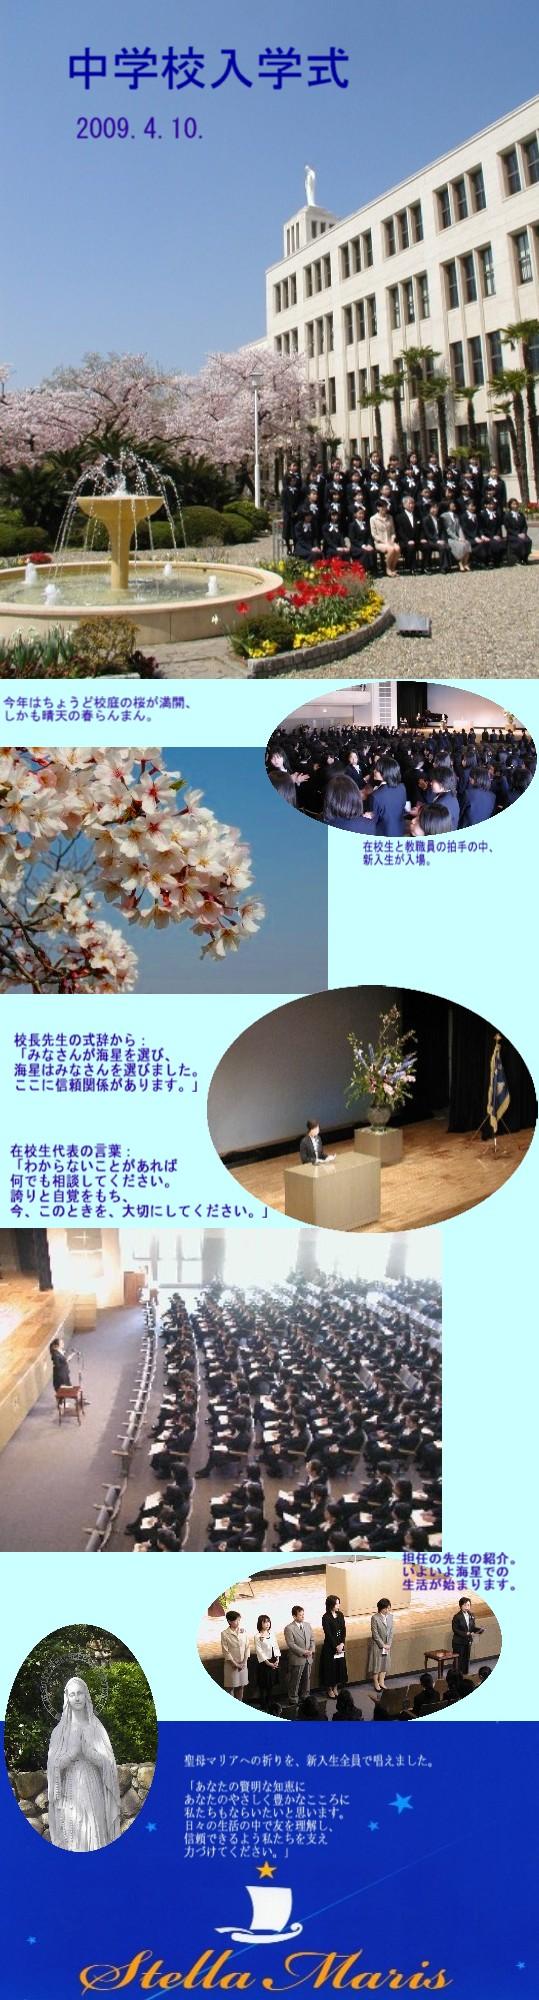 入学式09.JPG